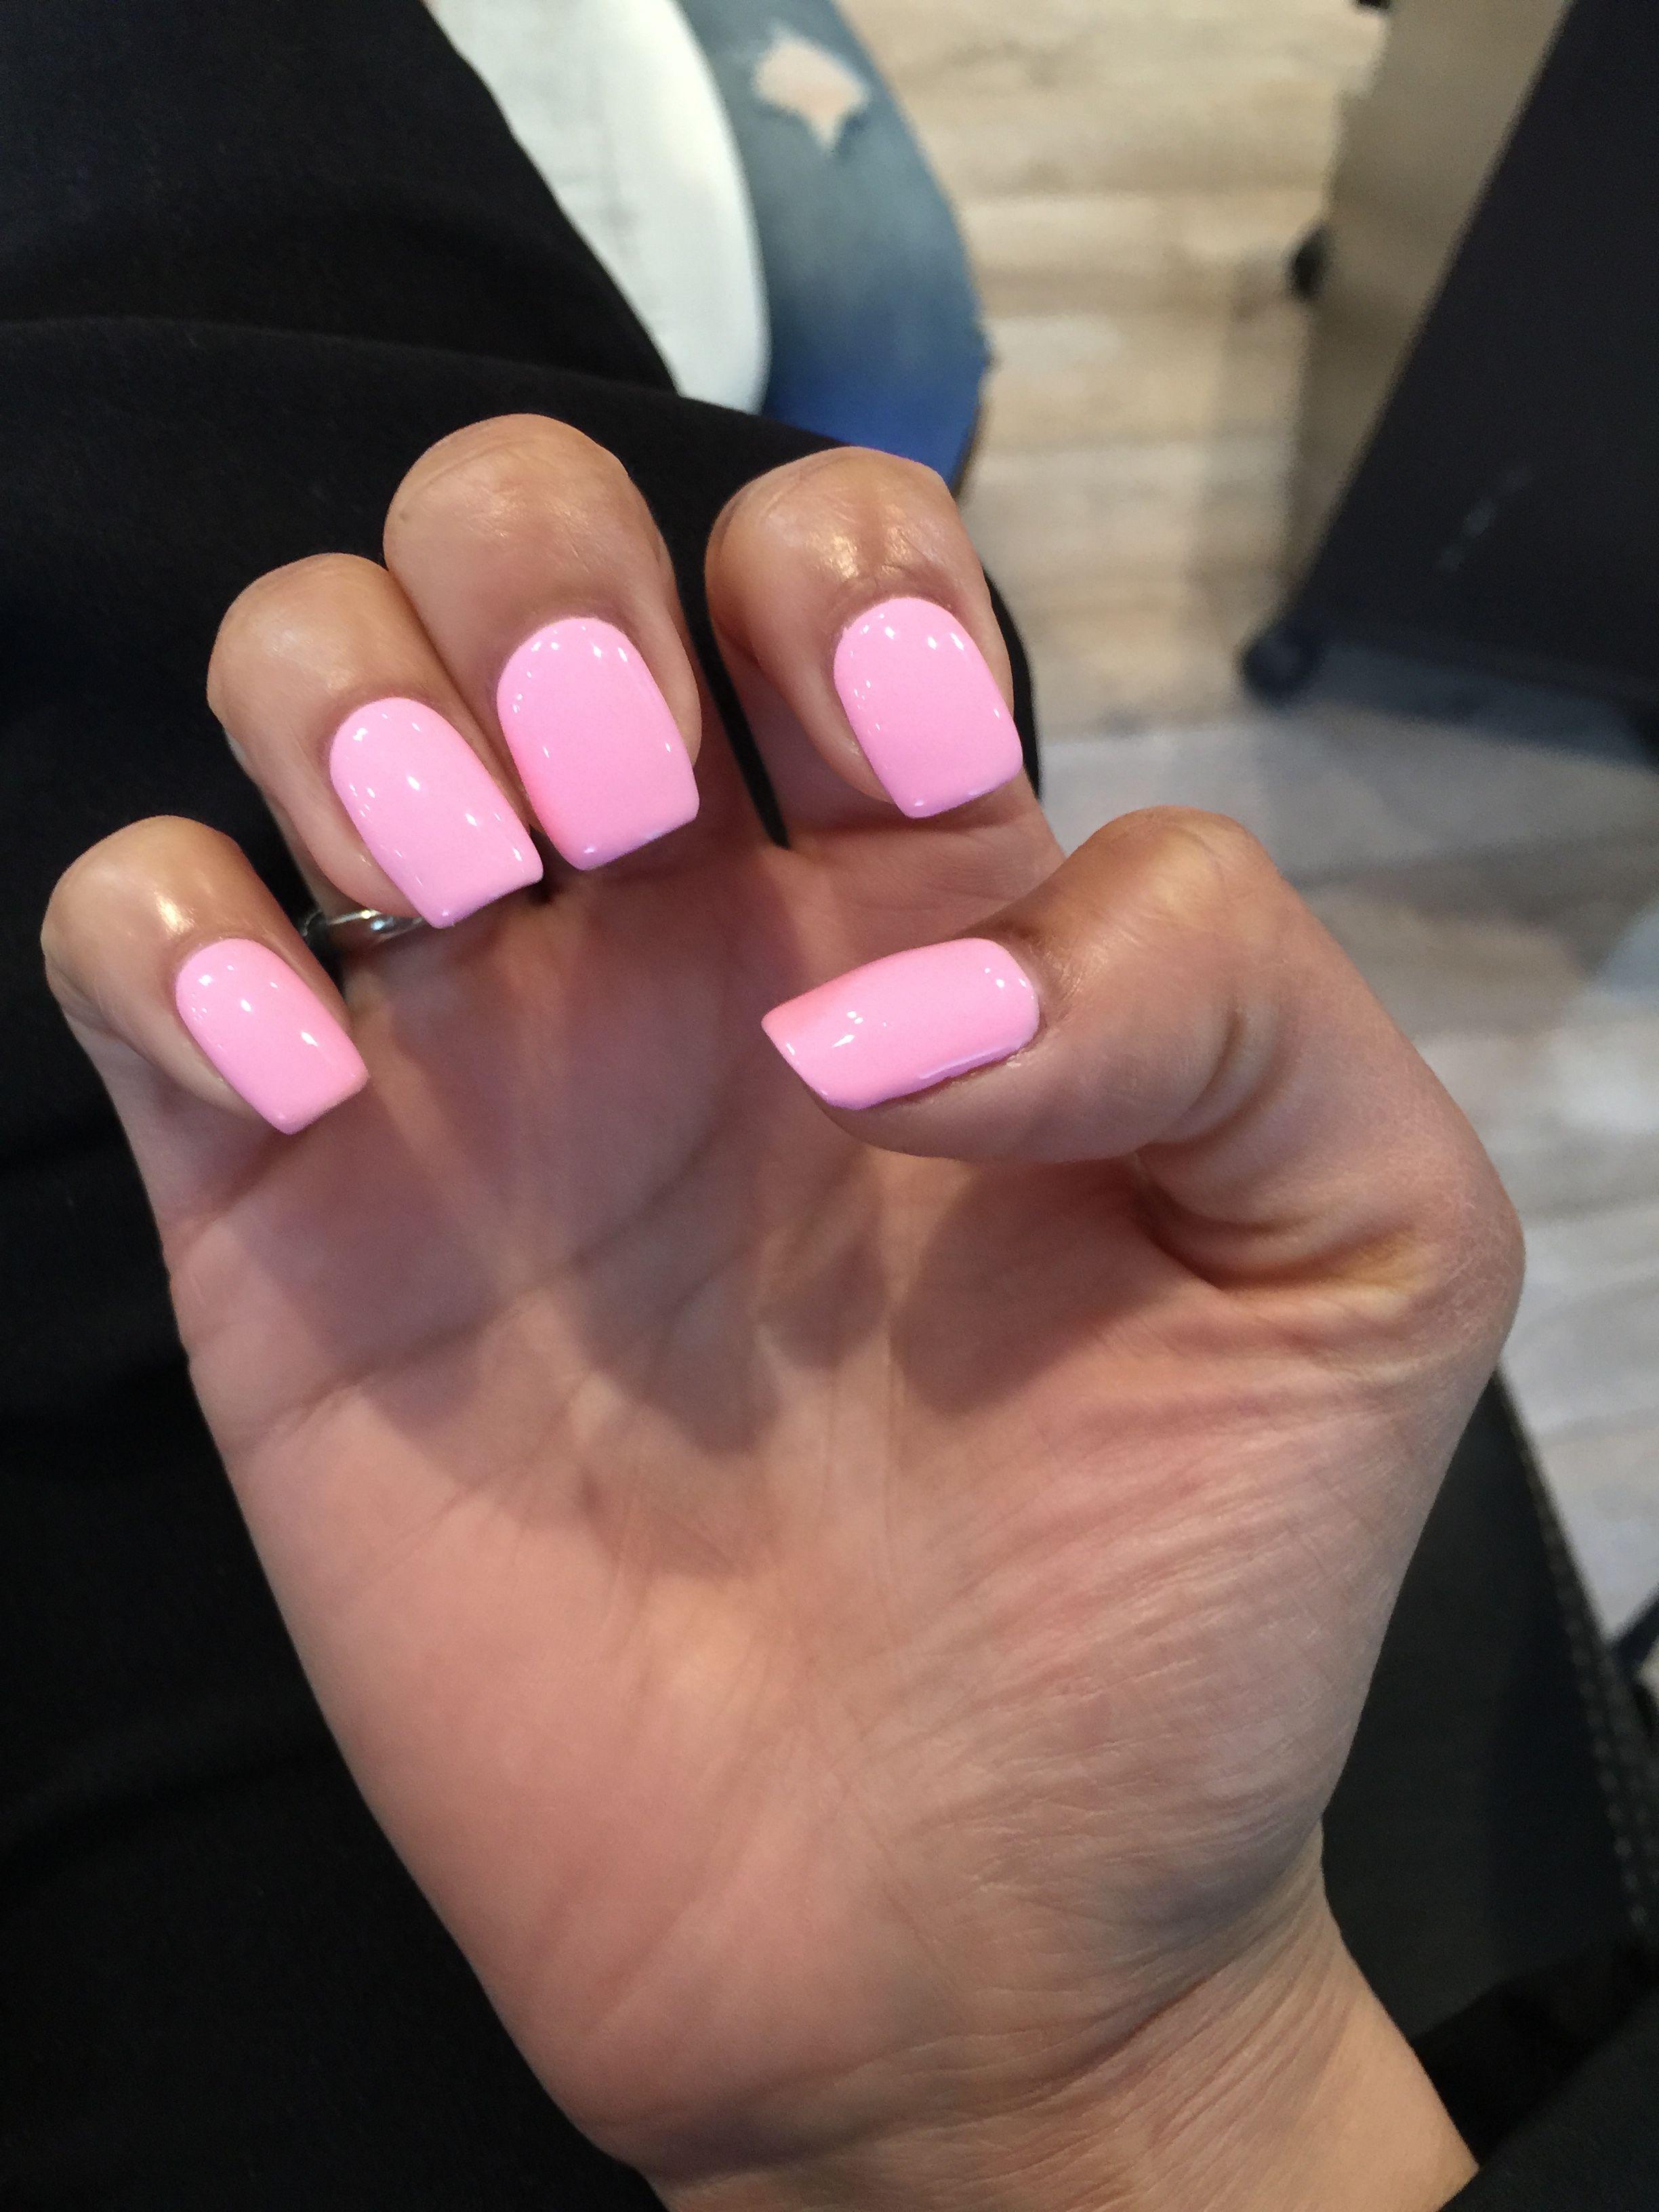 Pink Acrylic Nails Short Square Acrylic Nails Pink Acrylic Nails Square Acrylic Nails